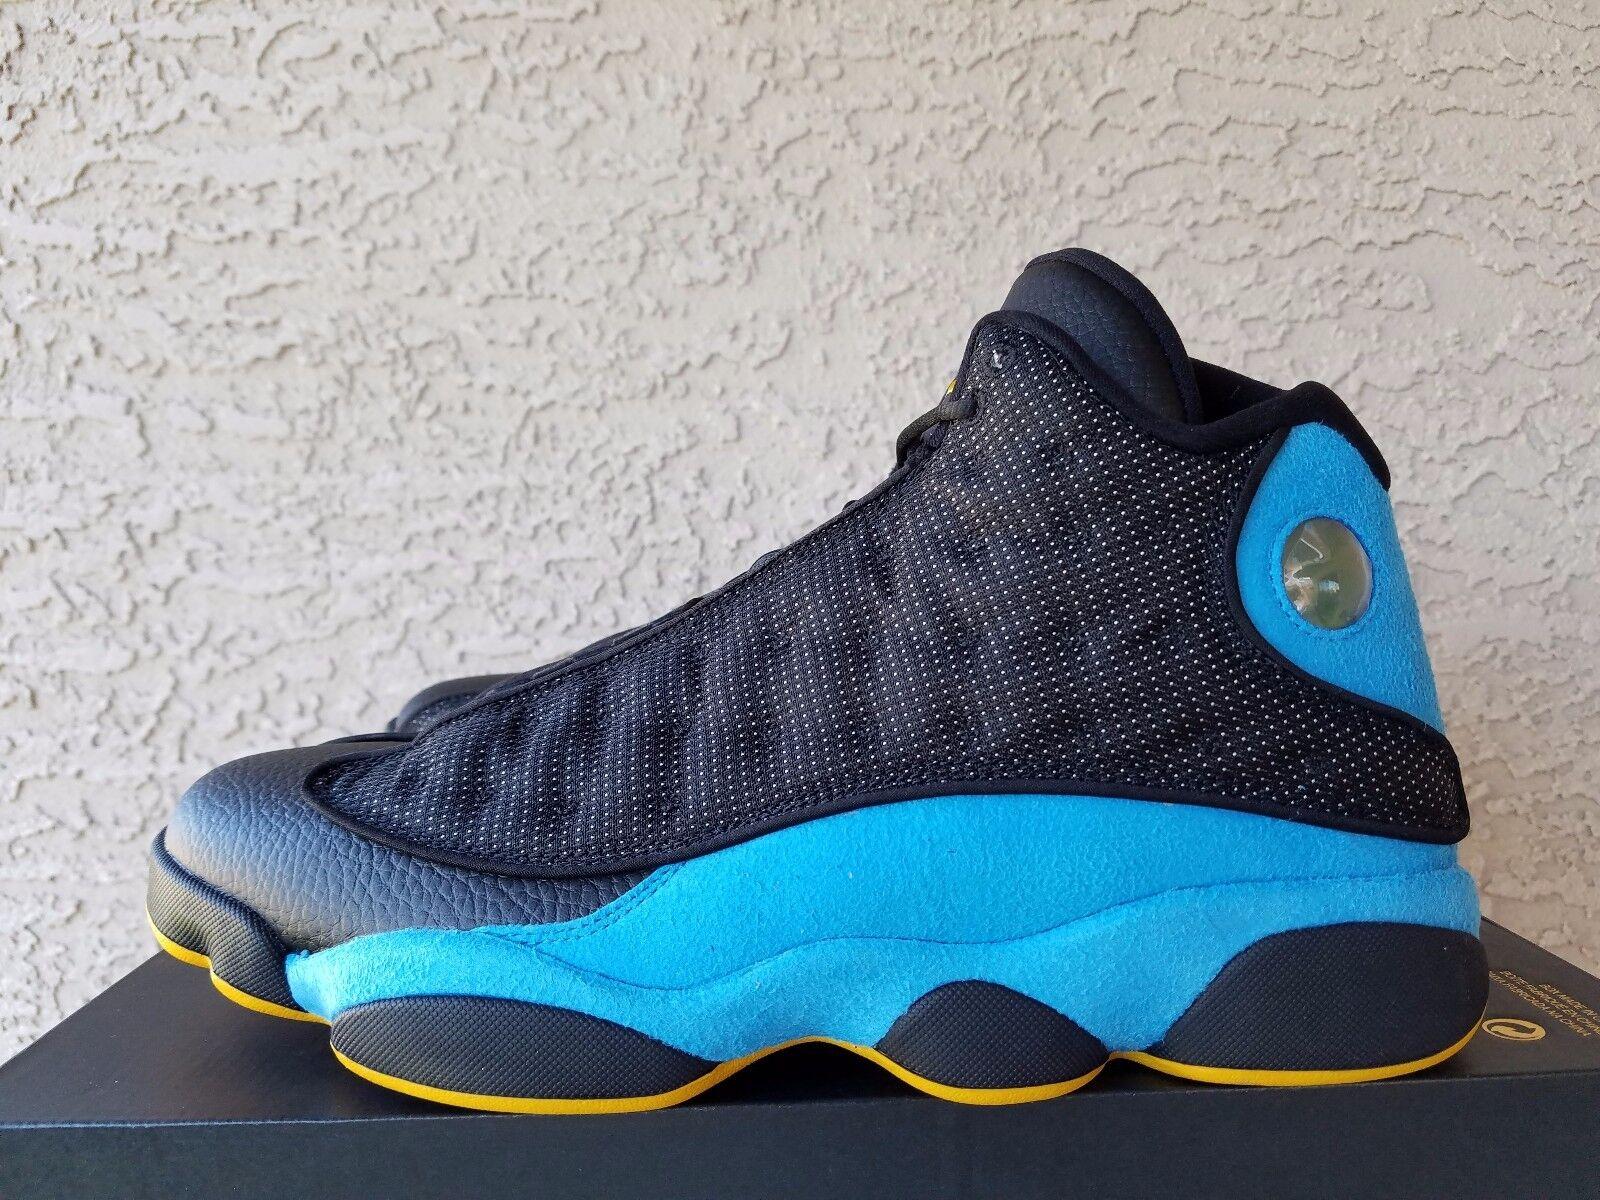 Nike Air Jordan 13 Retro CP PE Black Sunstone Orion Blue 823902-015 Size 11